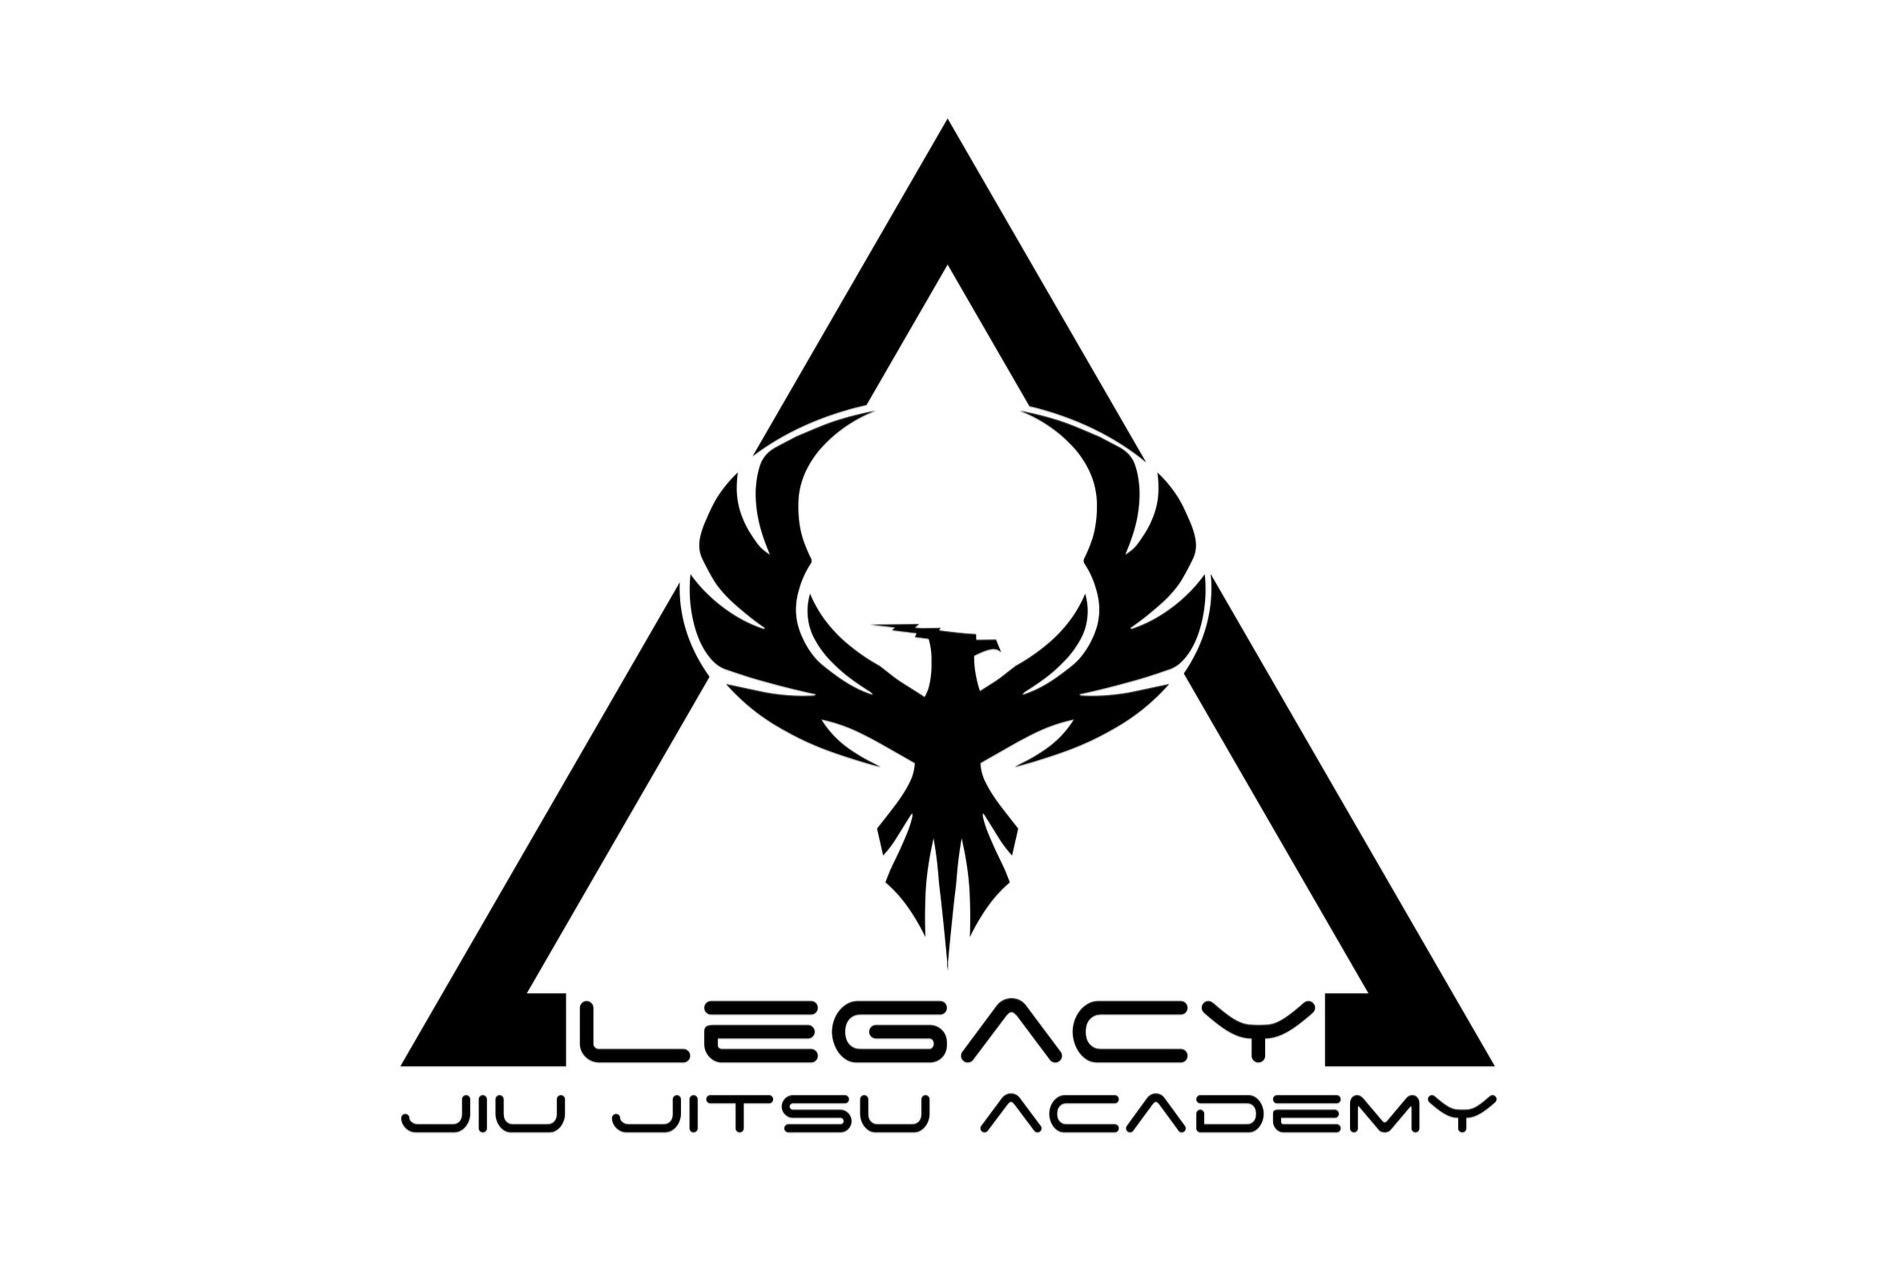 legacy+jiu+jitsu+logo.jpg